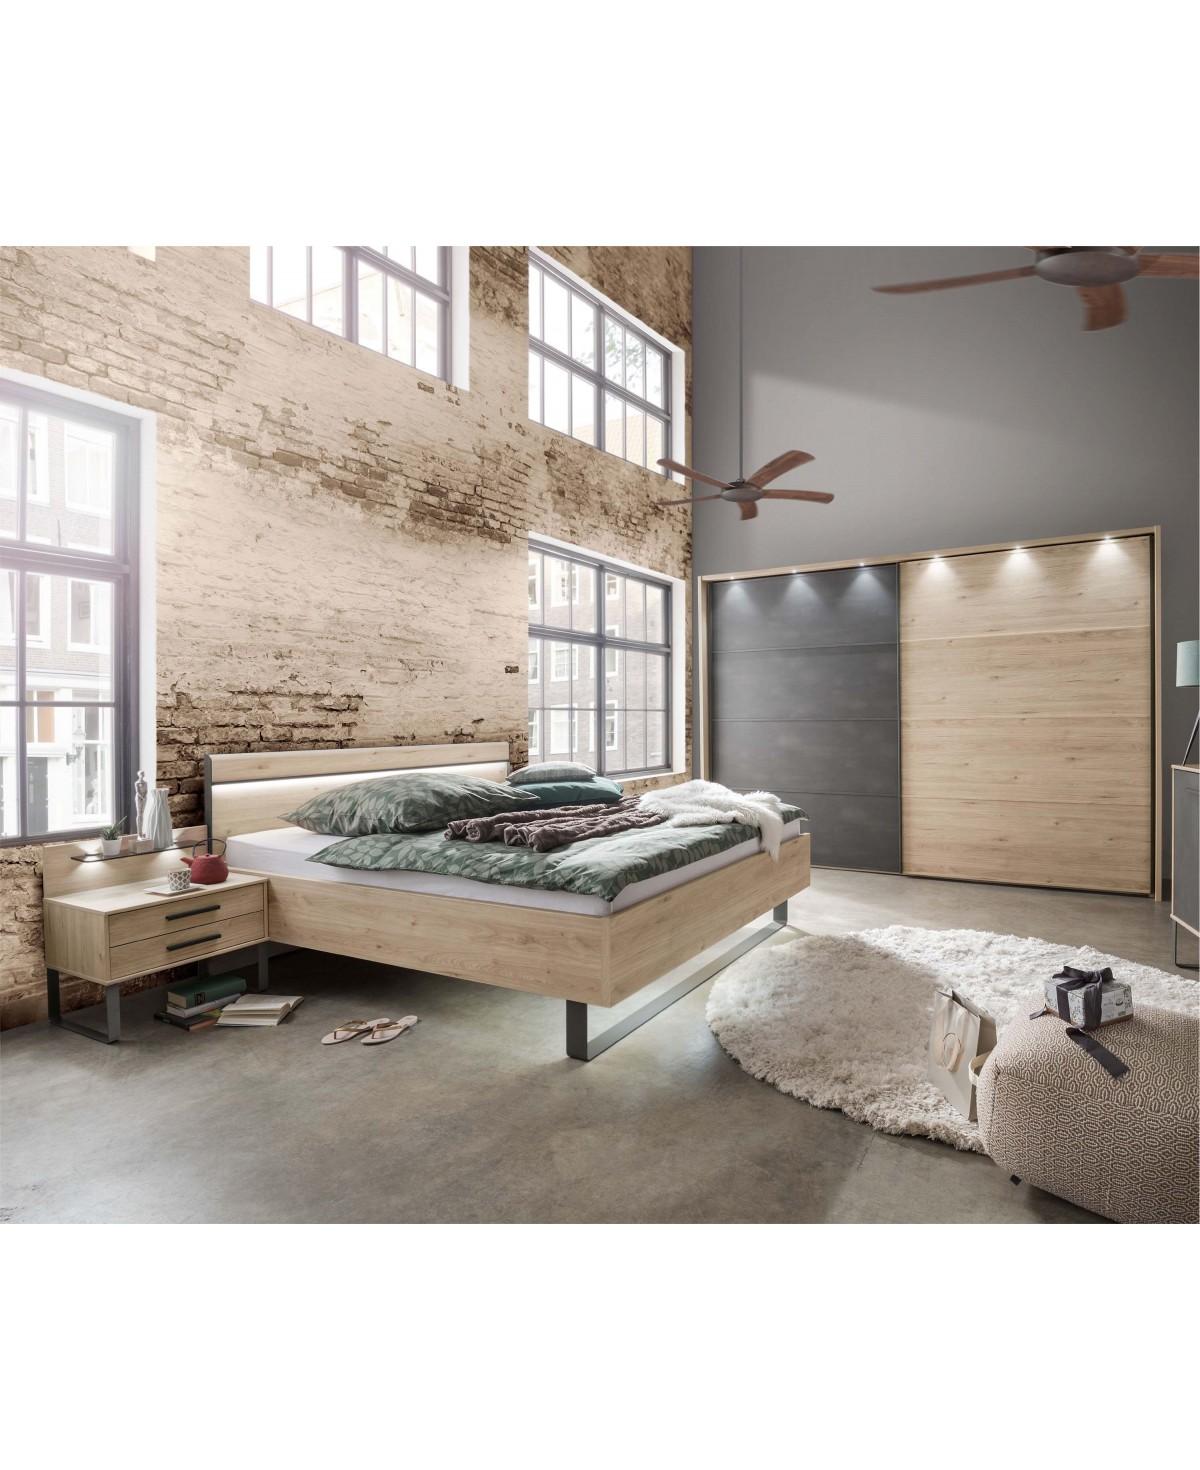 Full Size of Schrankbett 180x200 Ikea Mit Couch Bett Schrank Amazon Selber Bauen Schreibtisch Kombination Gebraucht Set Schrankwand Sofa Kombi Apartment Jugendzimmer Nehl Bett Bett Schrank